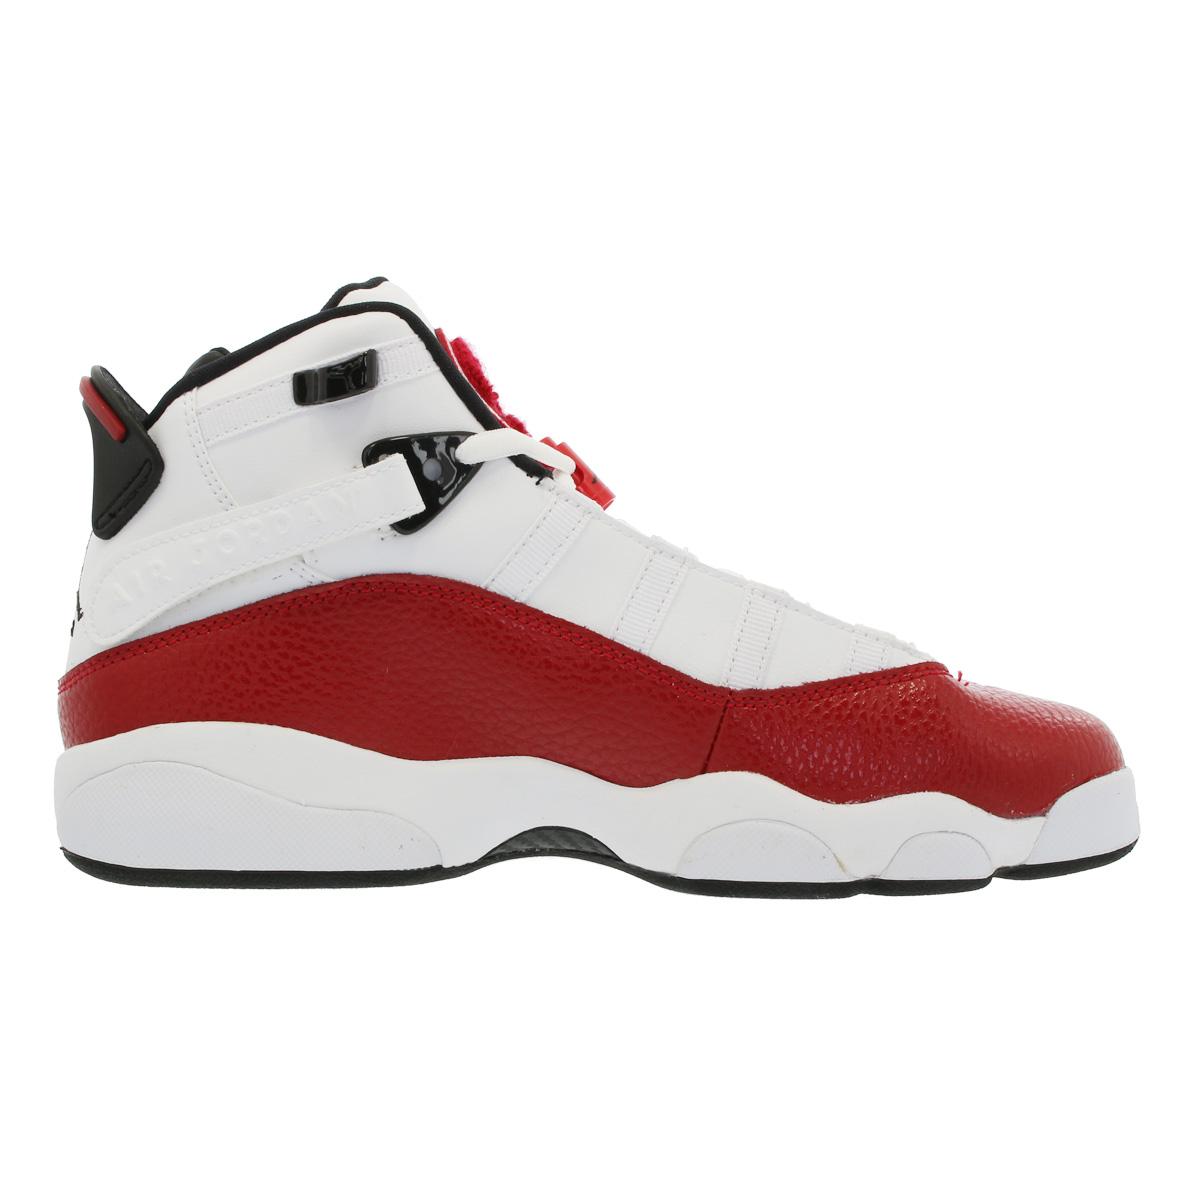 d877684f7b68a NIKE JORDAN 6 RINGS BG Nike Jordan 6 RINGS Co.,Ltd. BG WHITE/GYM RED/BLACK  323,419-120